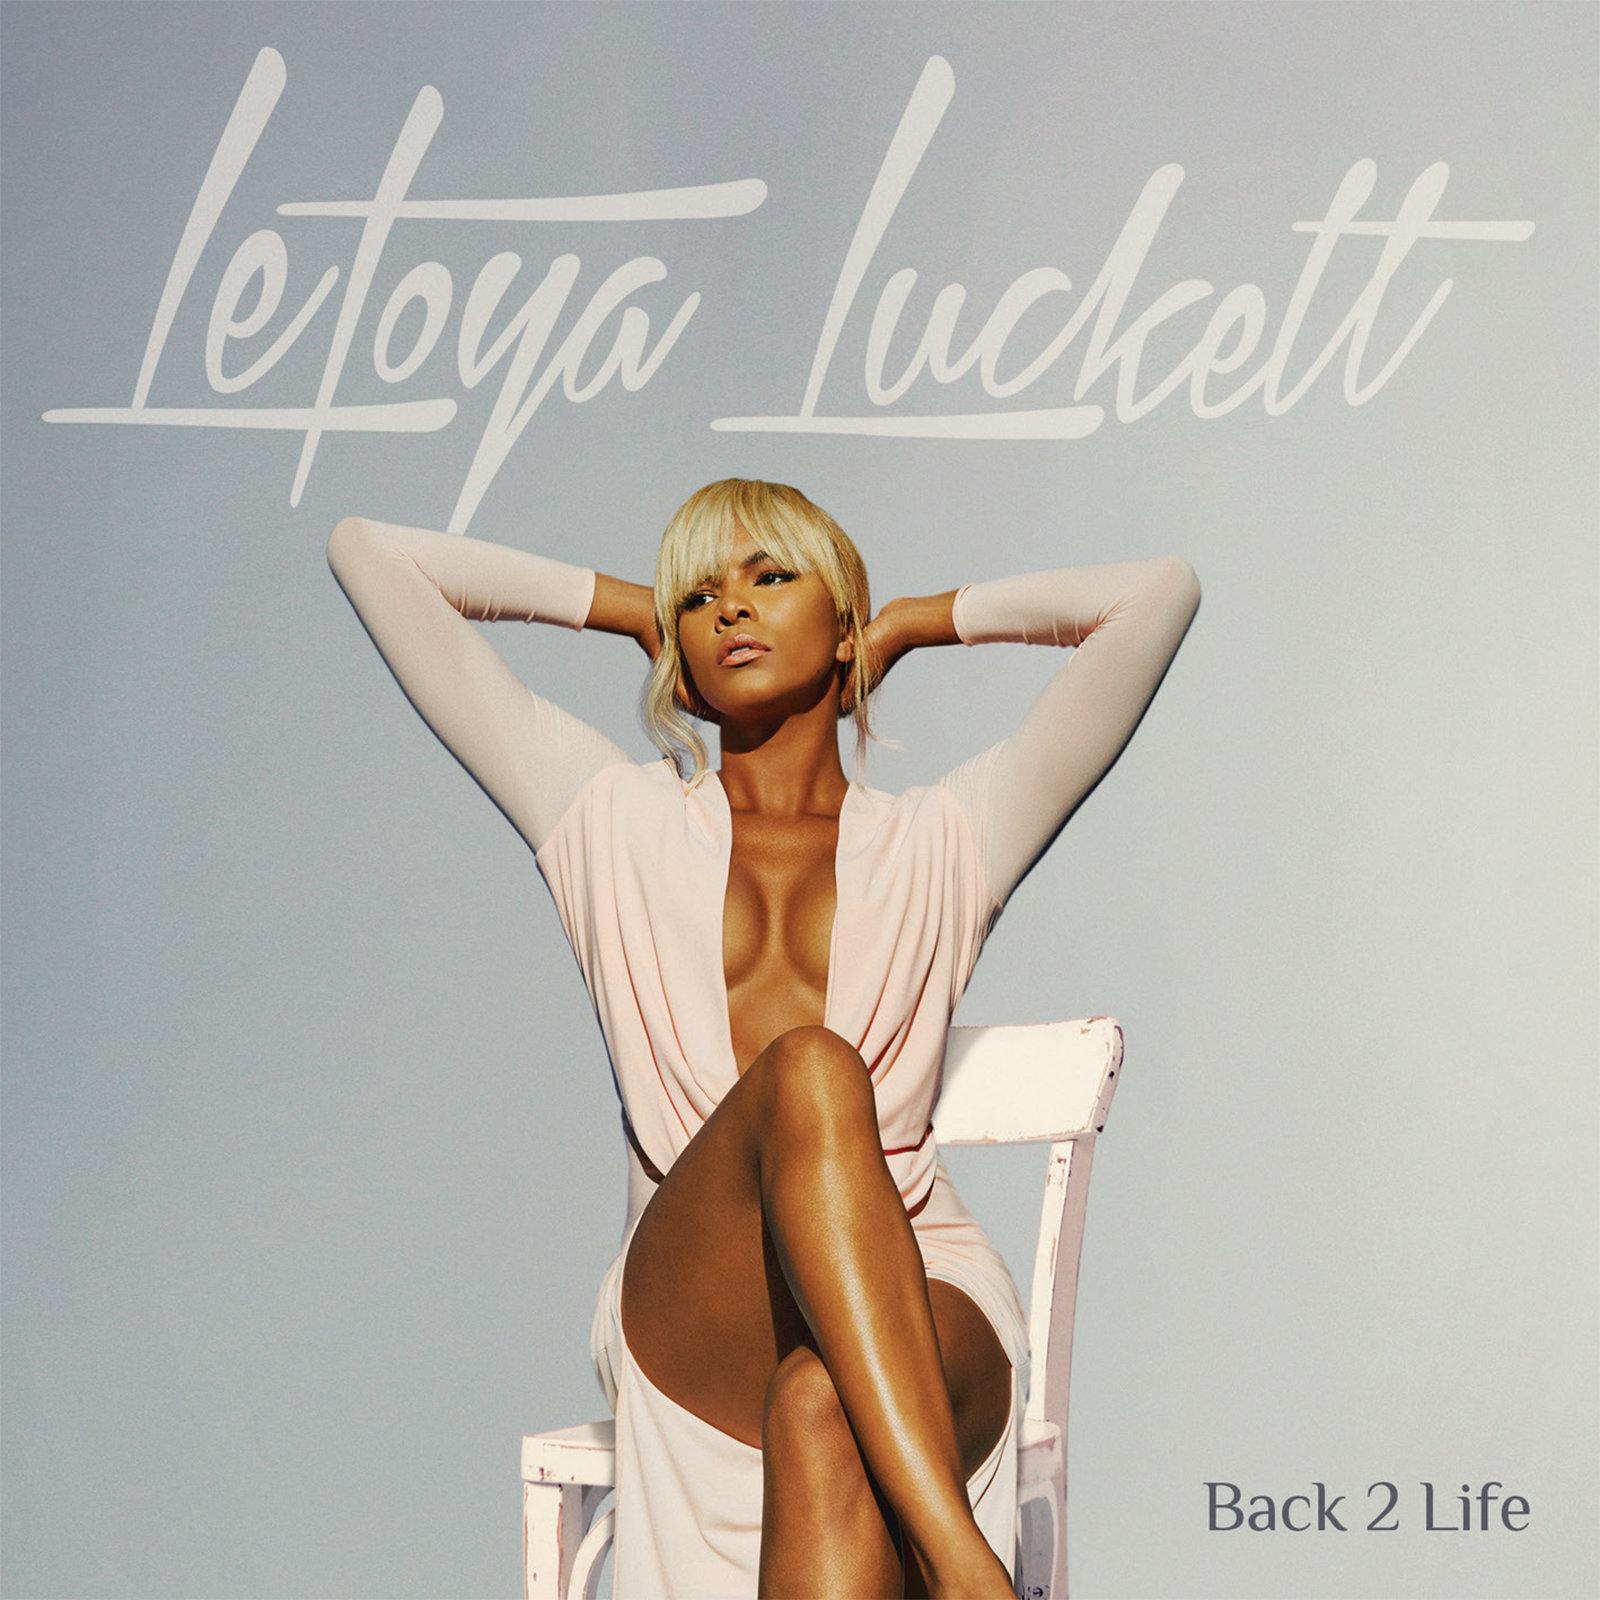 Letoya Luckett Back 2 Life Album Cover